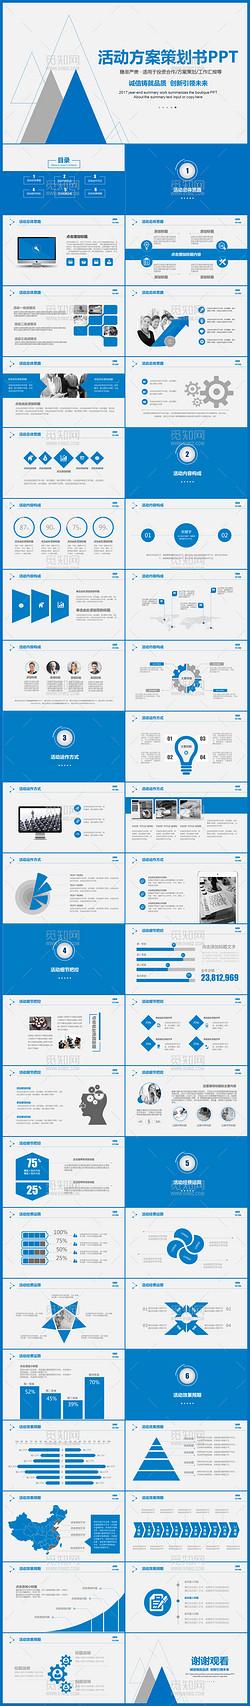 商务活动策划方案PPT模板